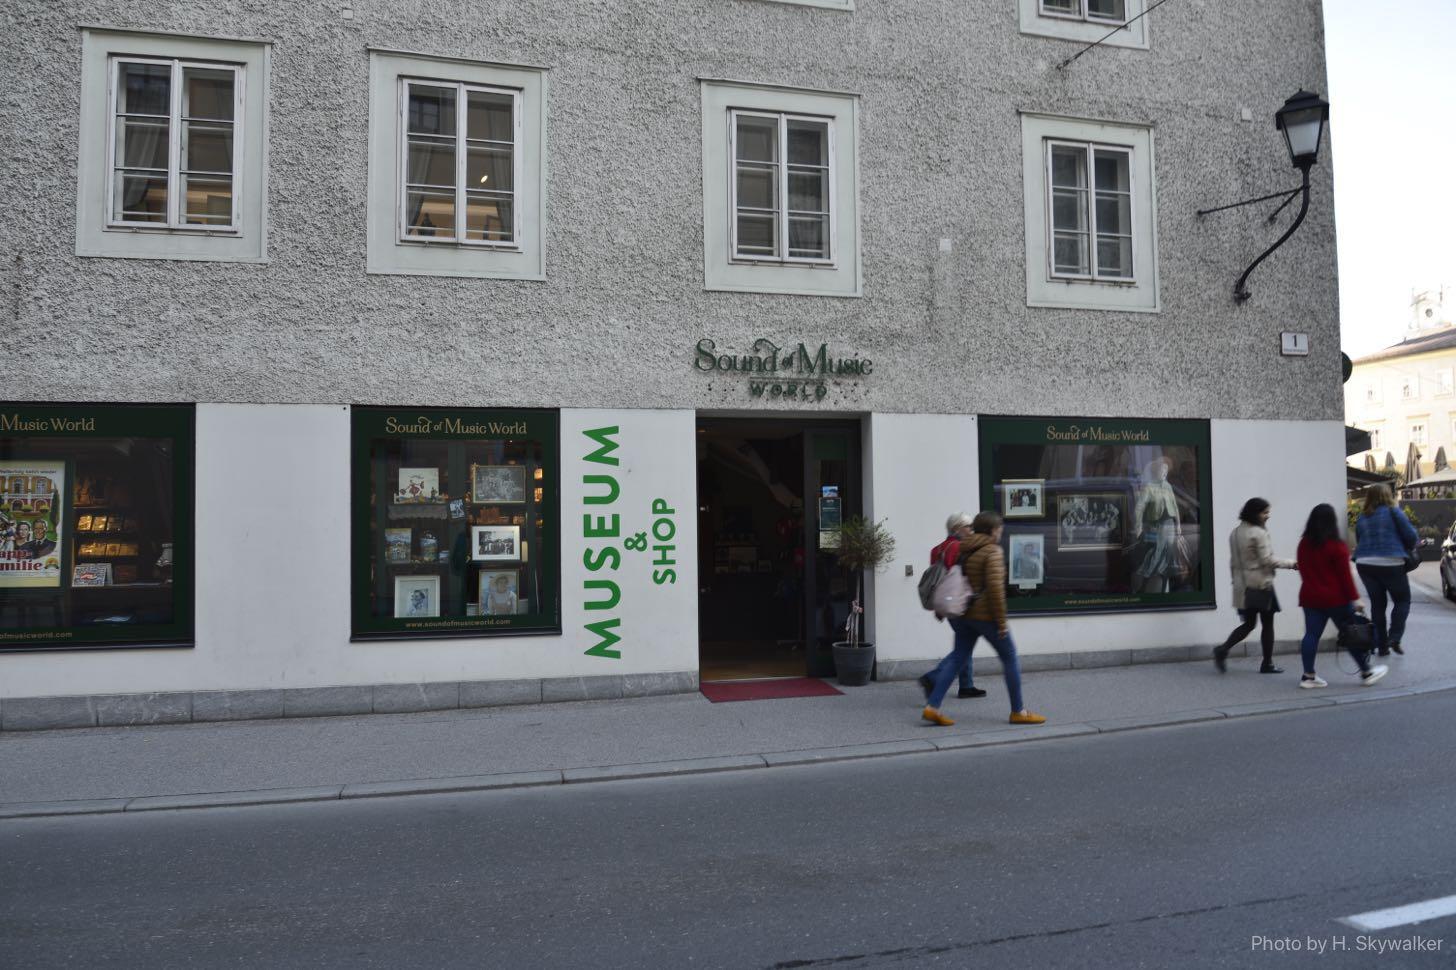 サウンドオブミュージック博物館